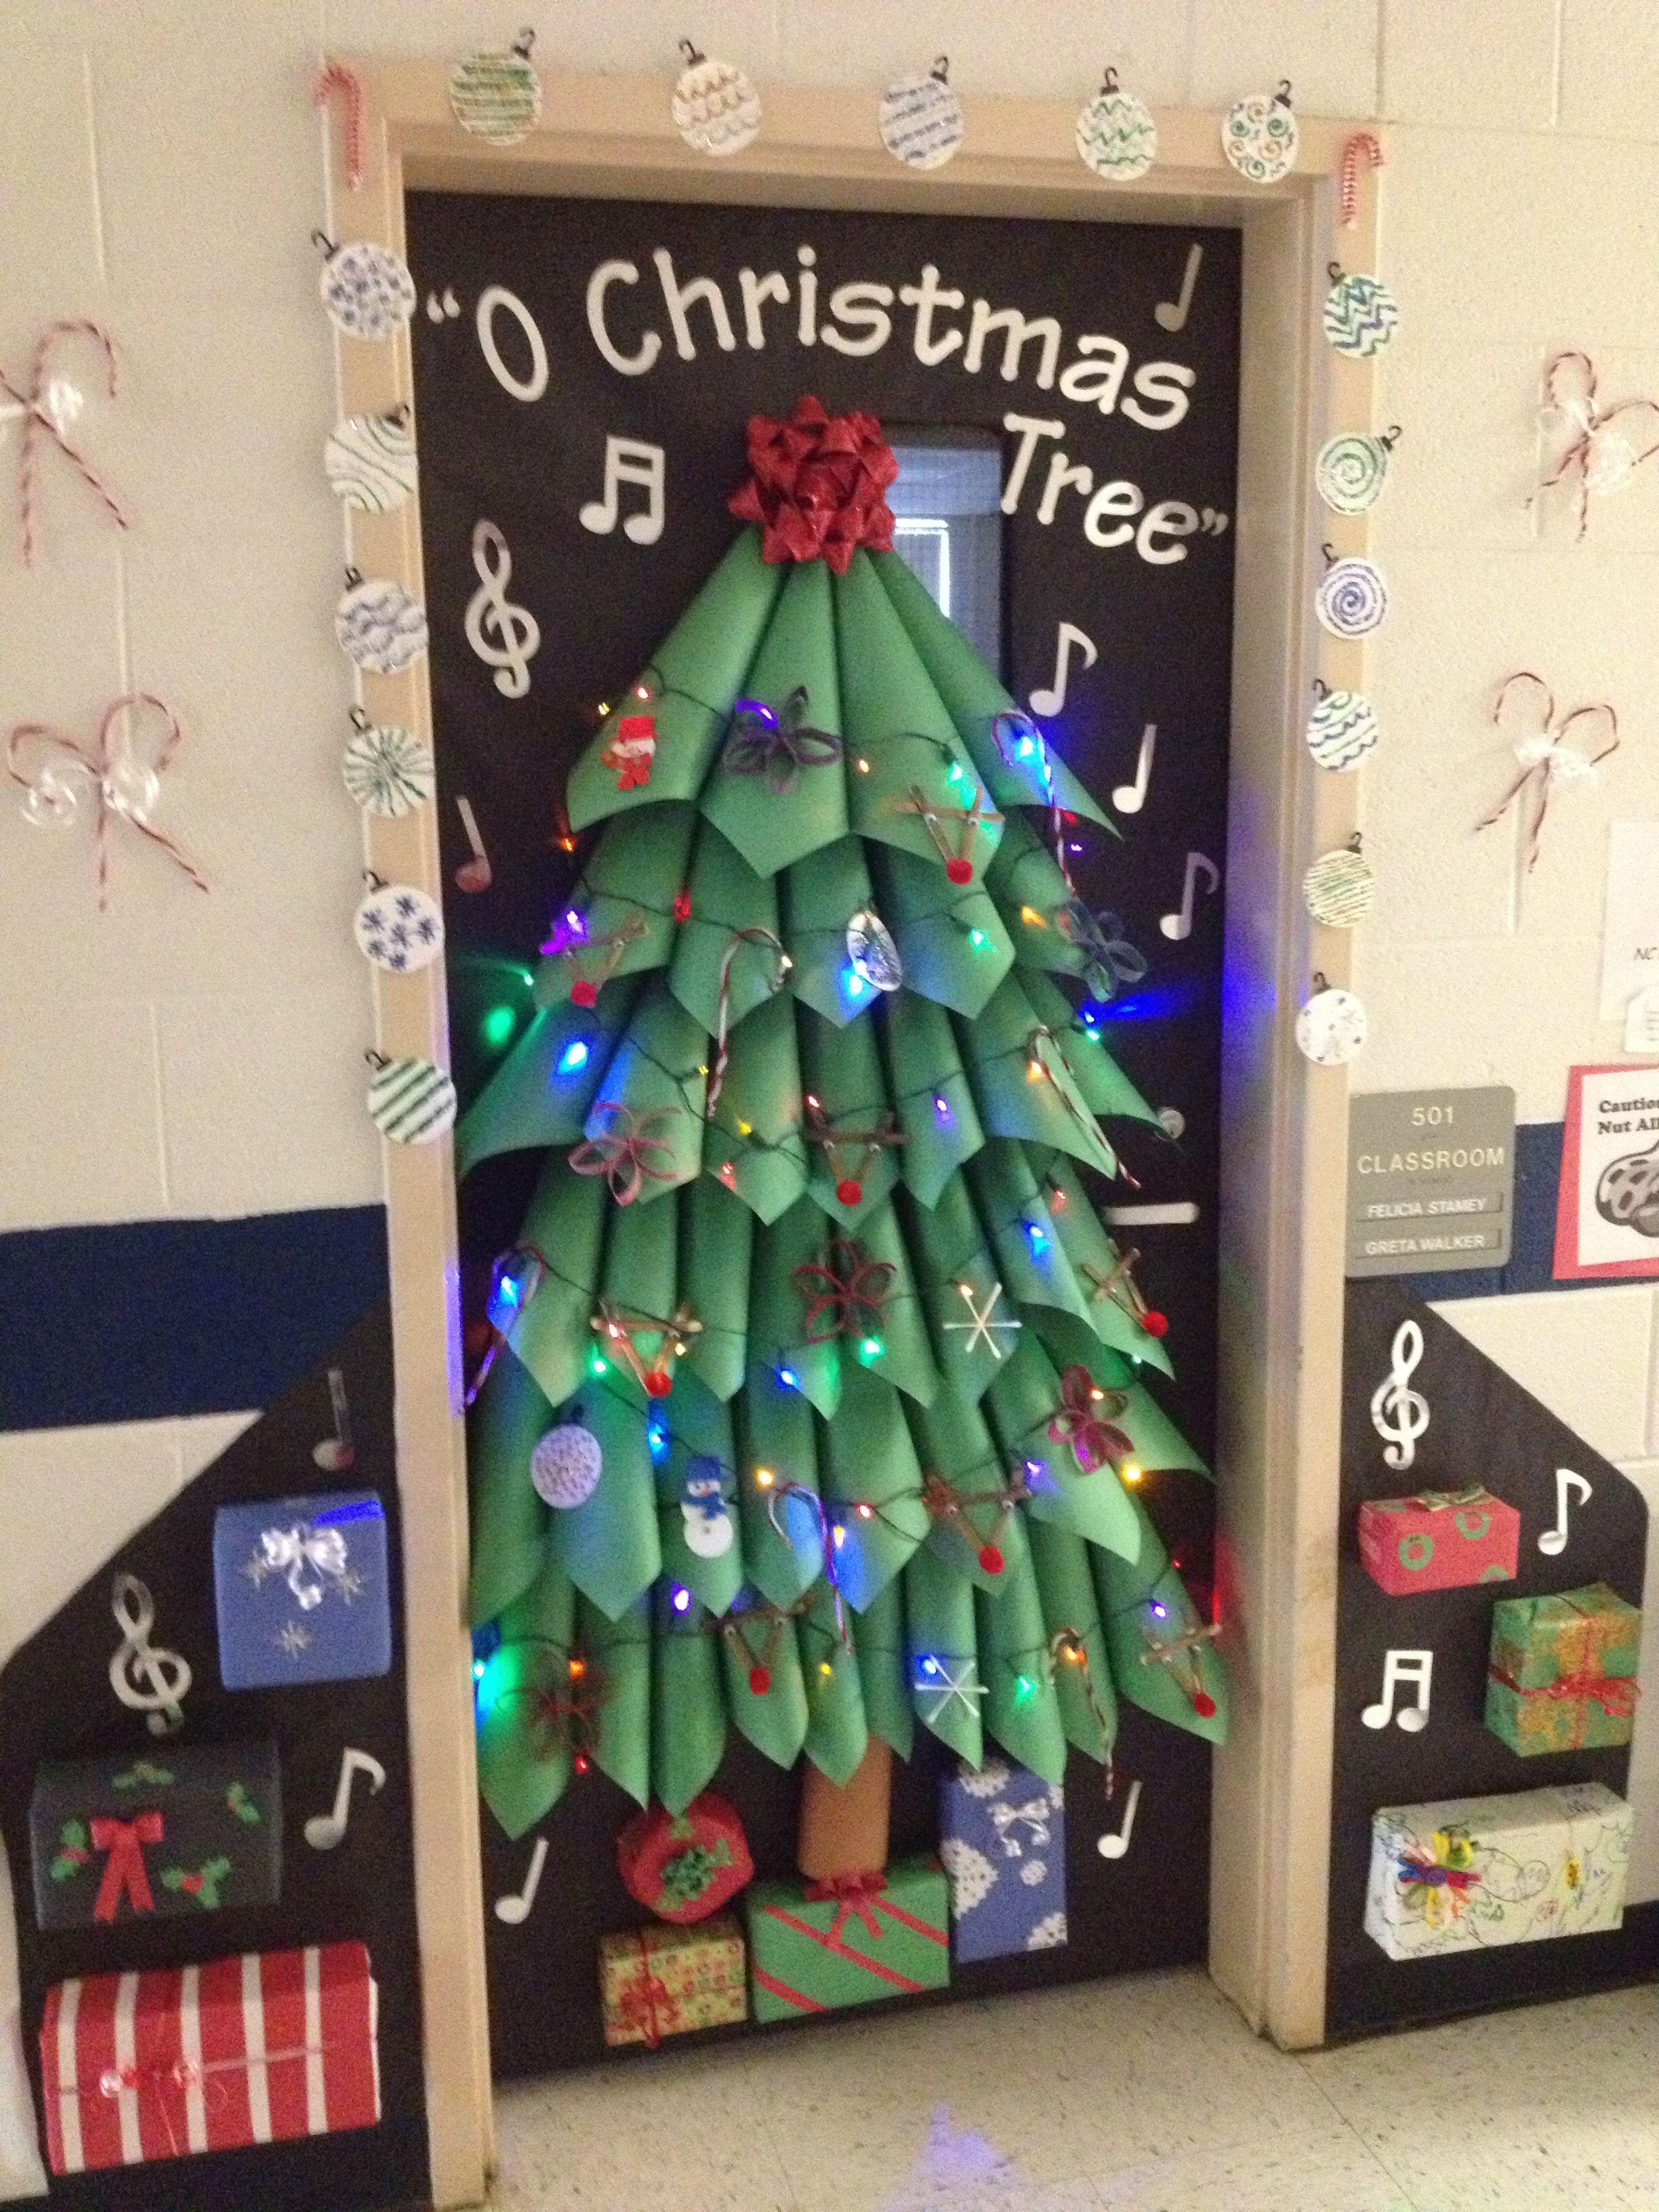 Christmas Door Decoration. in case we have a door